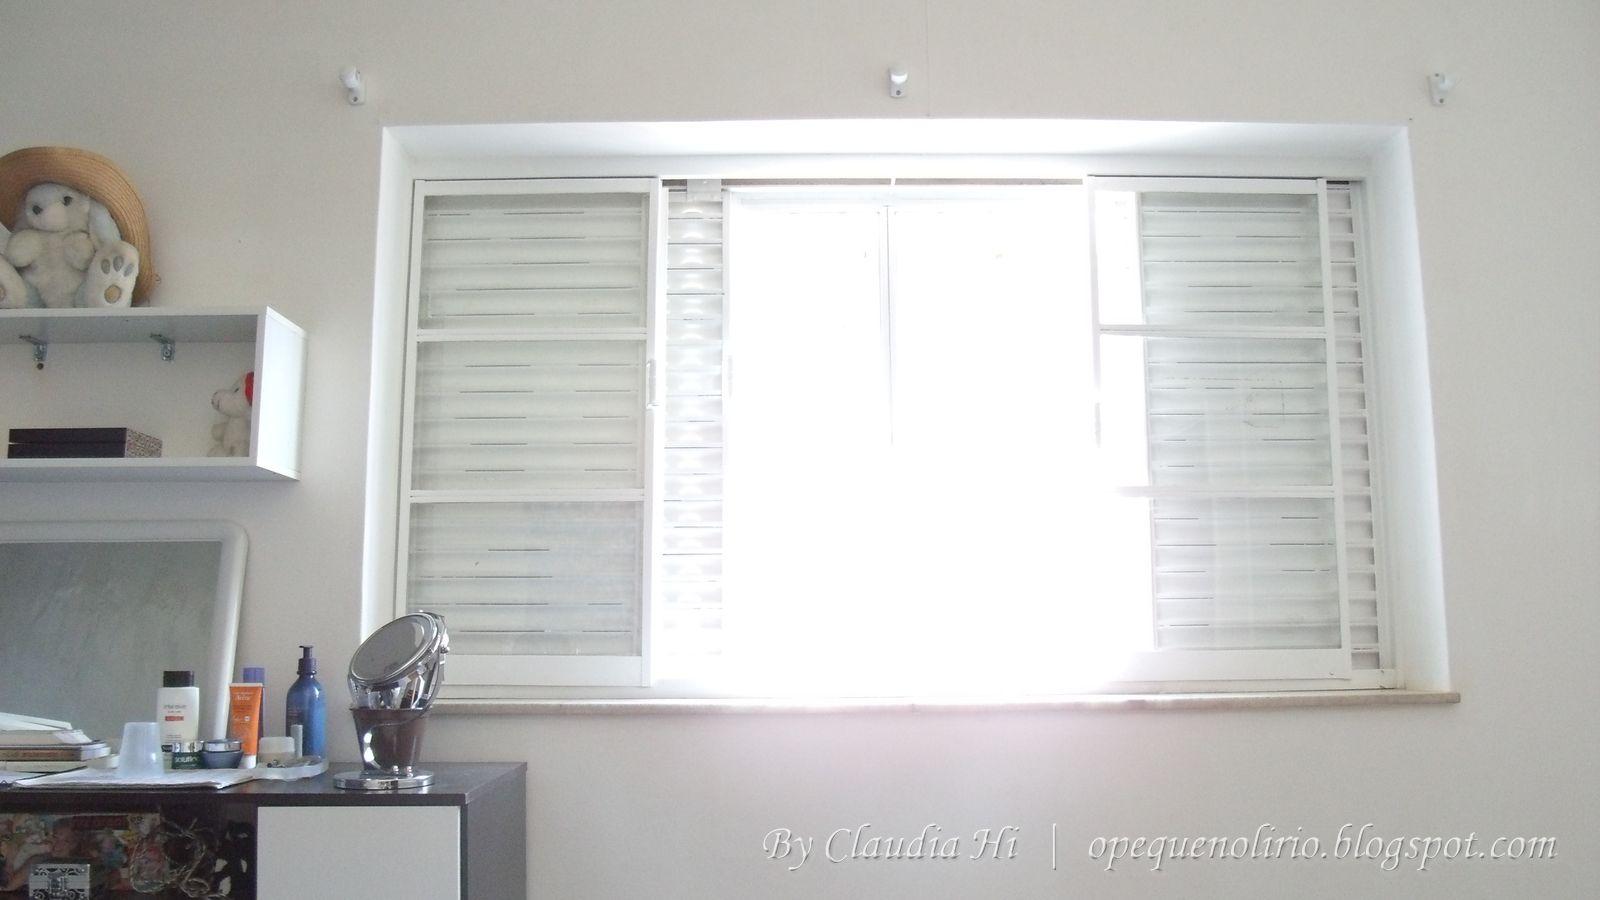 #7B604B  passo diy room curtain cortina de quarto branco janela window 40 Janelas De Vidro Cortina